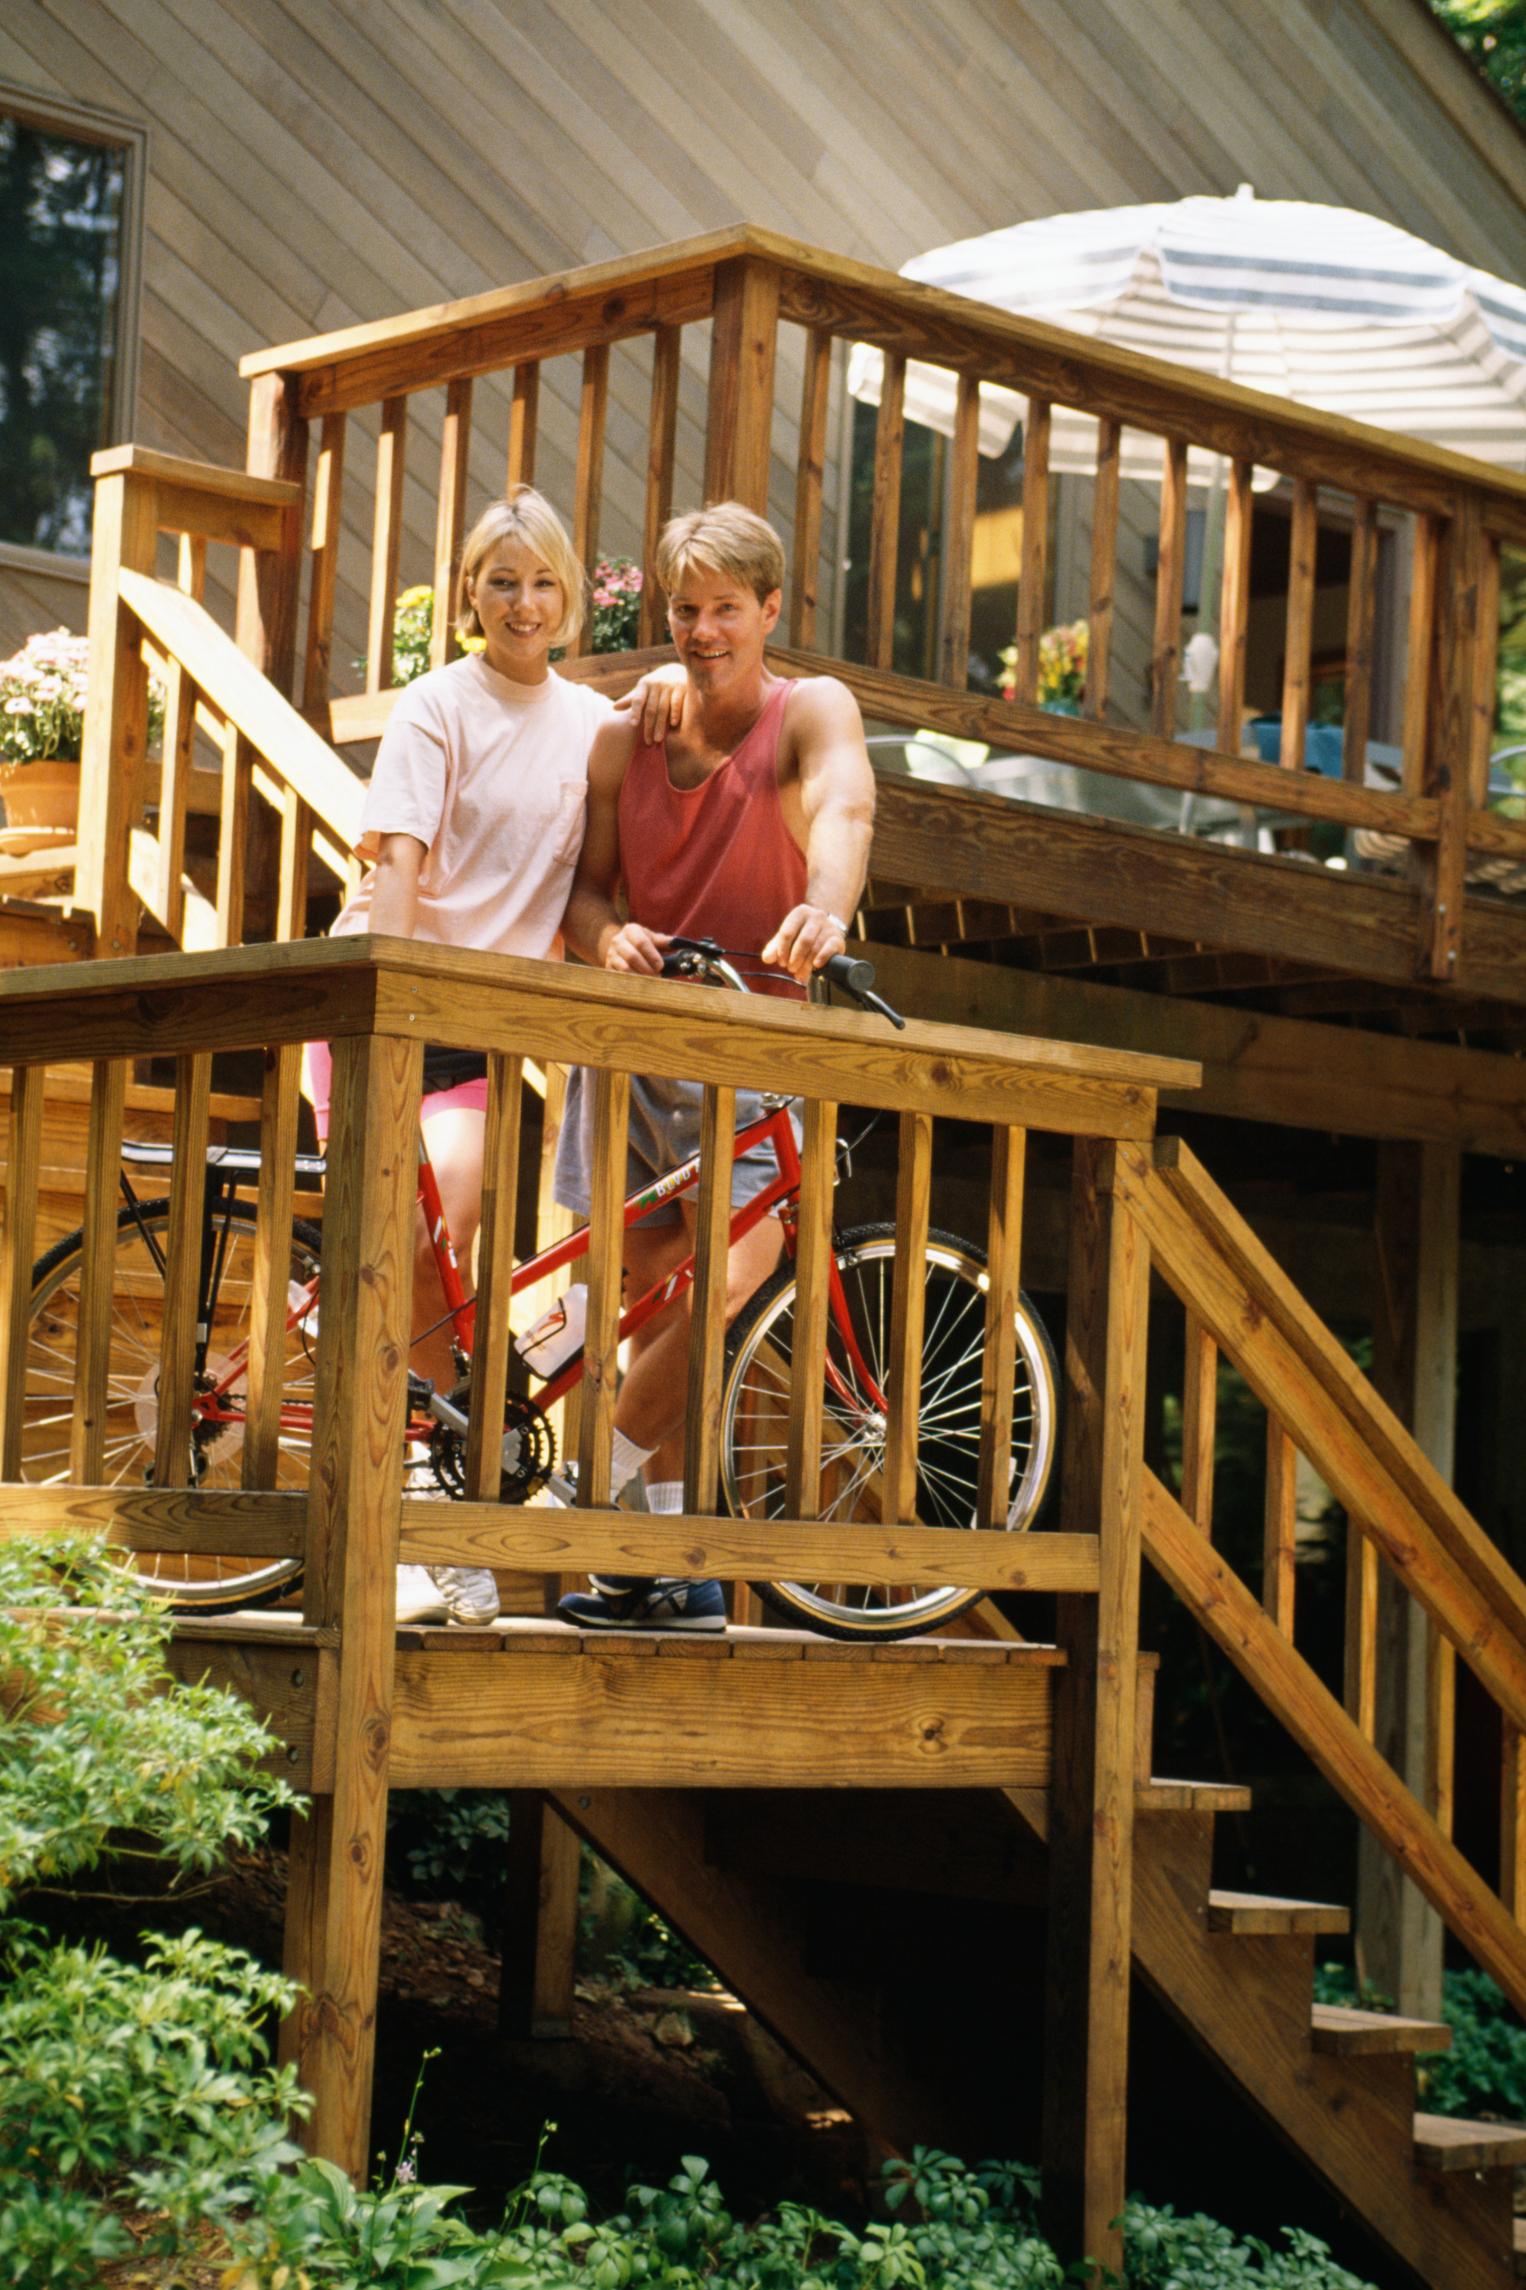 cmo construir una escalera de madera con un pequeo descanso en un ngulo de grados ehow en espaol